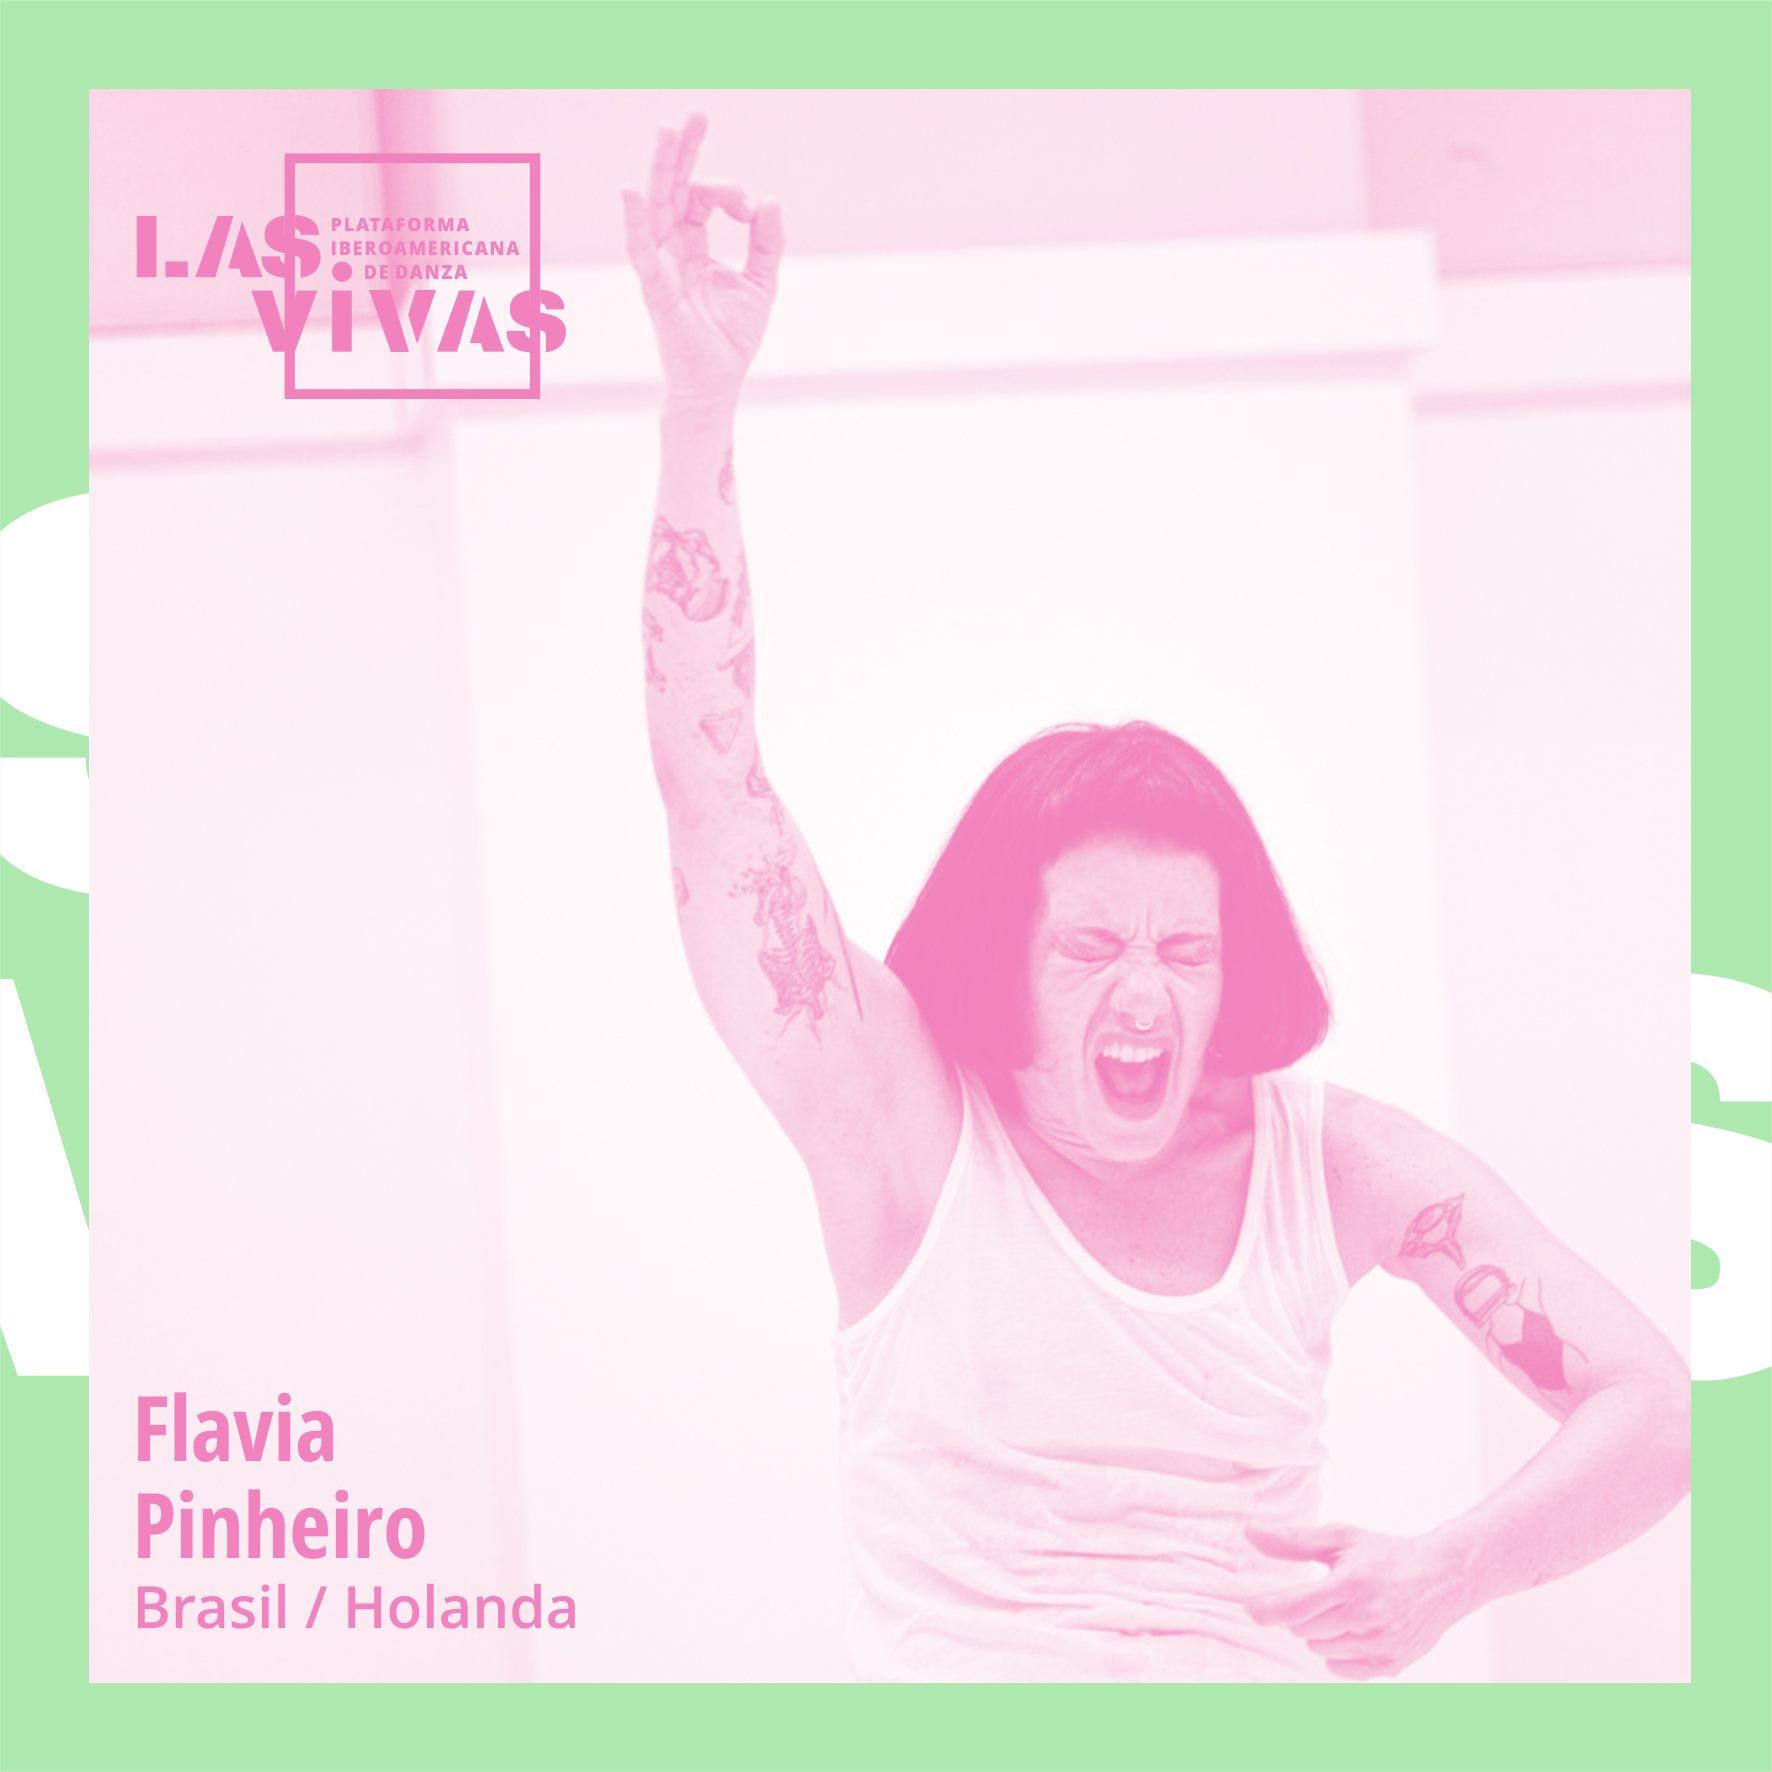 Flavia Pinheiro